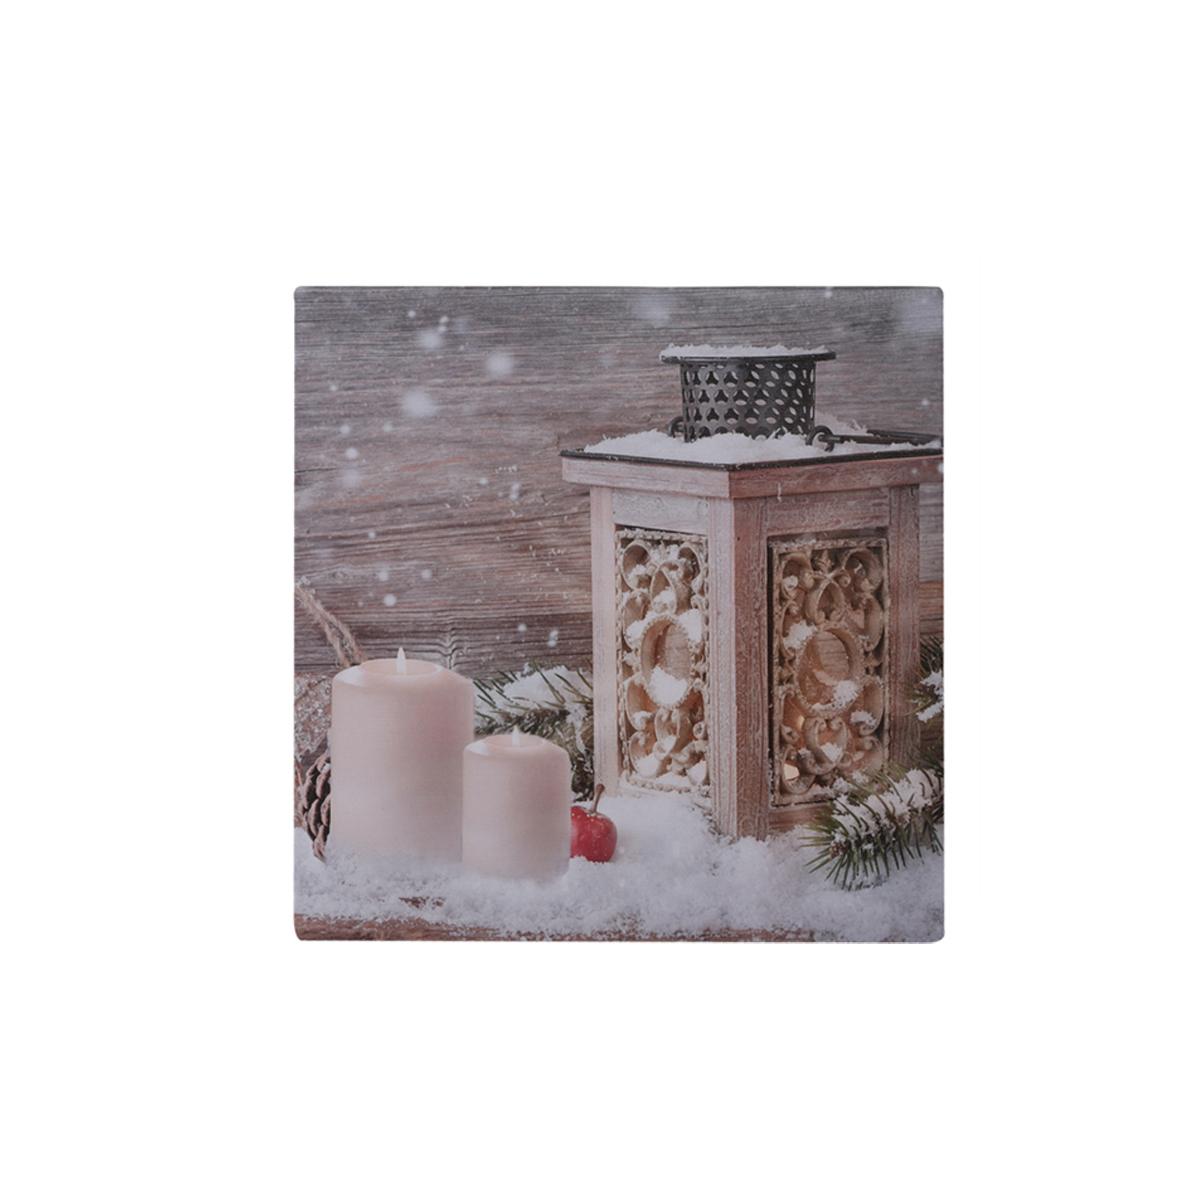 led leinwand bild zum aufh ngen weihnachten winter deko geschenk wand dekoration ebay. Black Bedroom Furniture Sets. Home Design Ideas